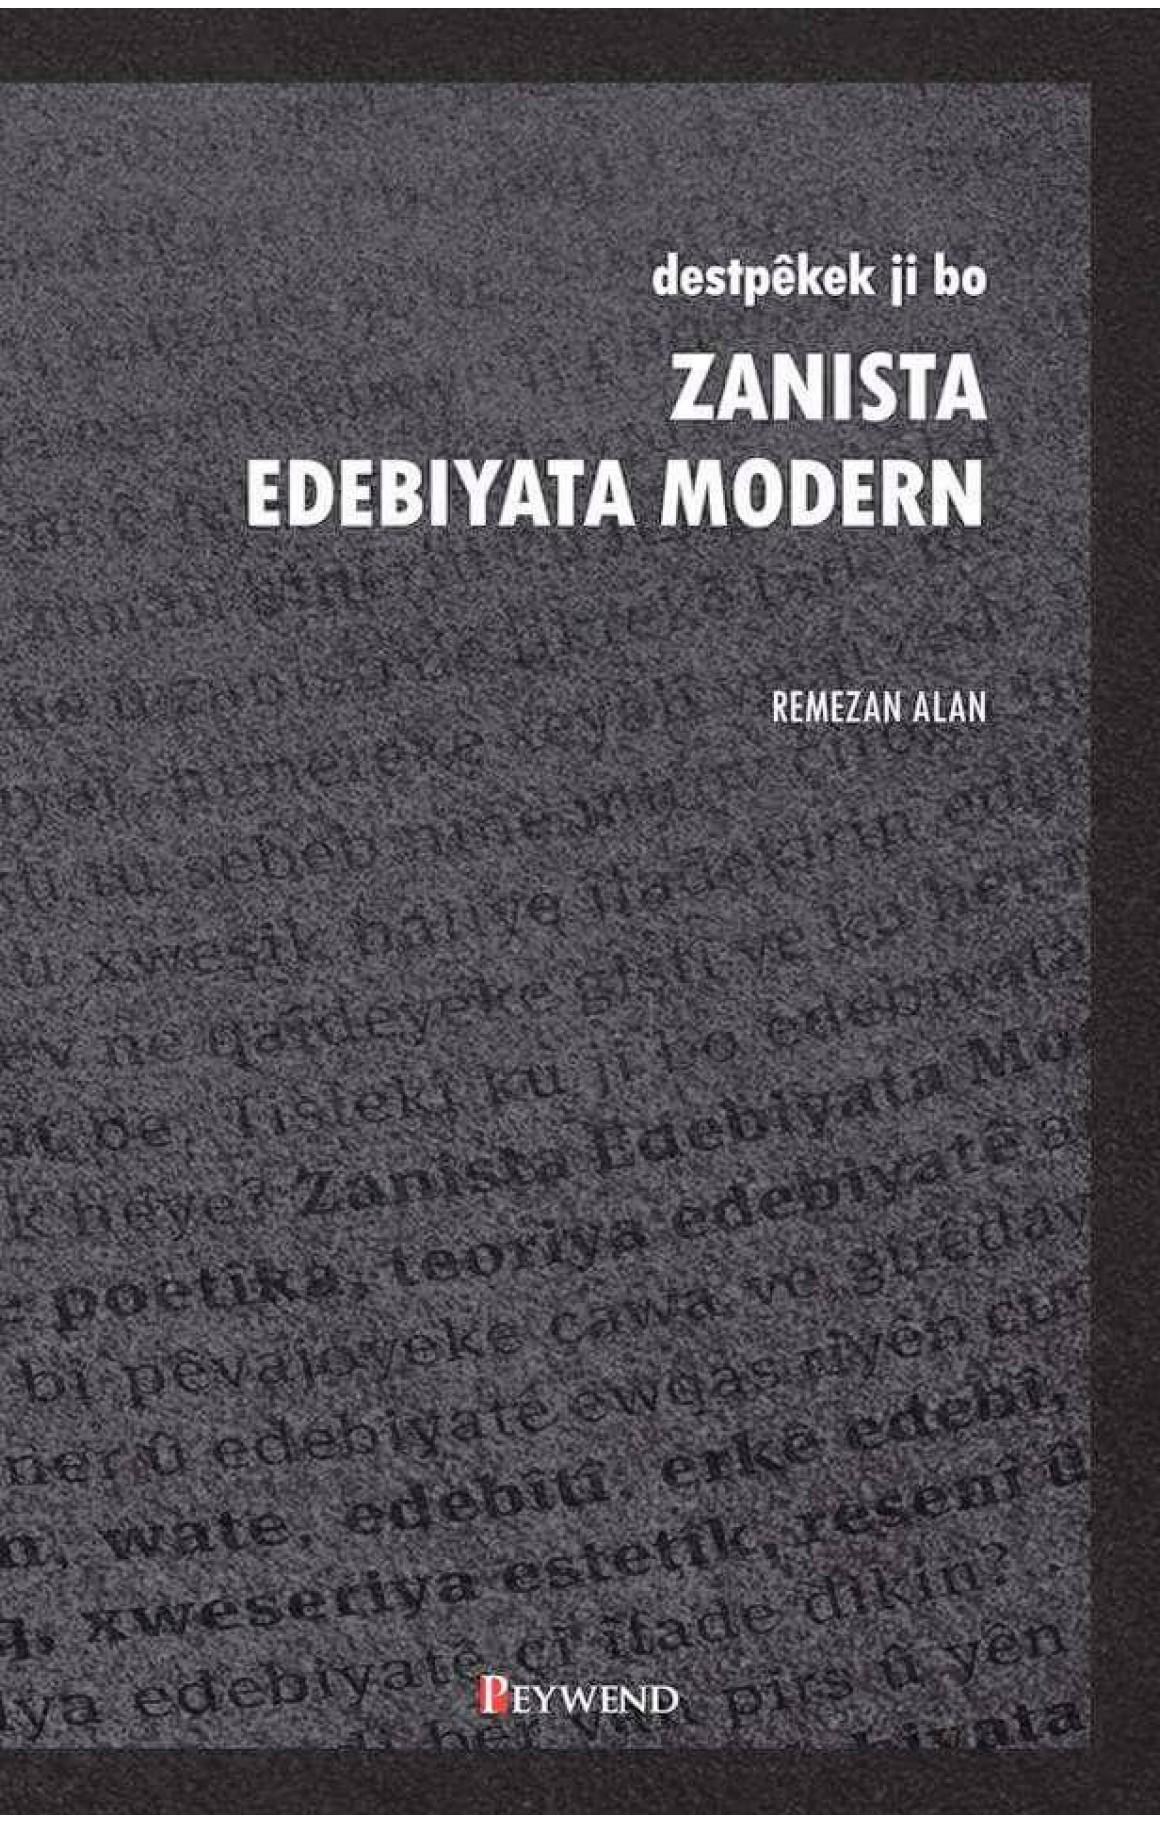 Zanista Edebiyata Modern